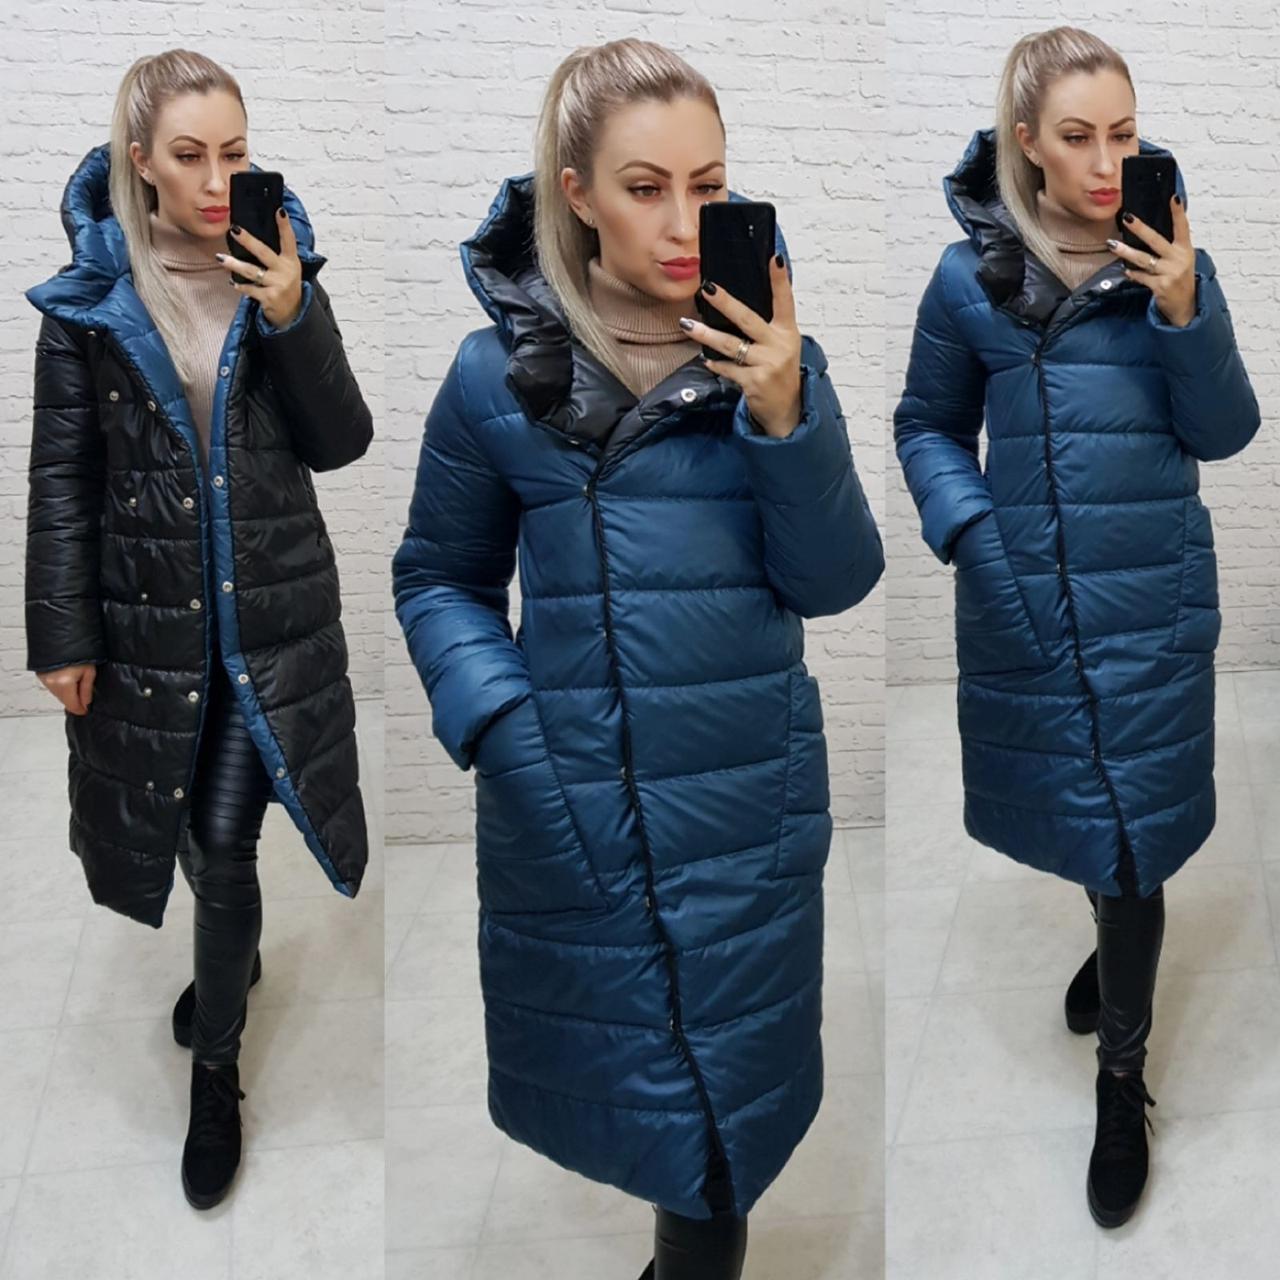 Куртка двустороняя евро-зима  с капюшоном арт. 1007аквамарин/черный  1007